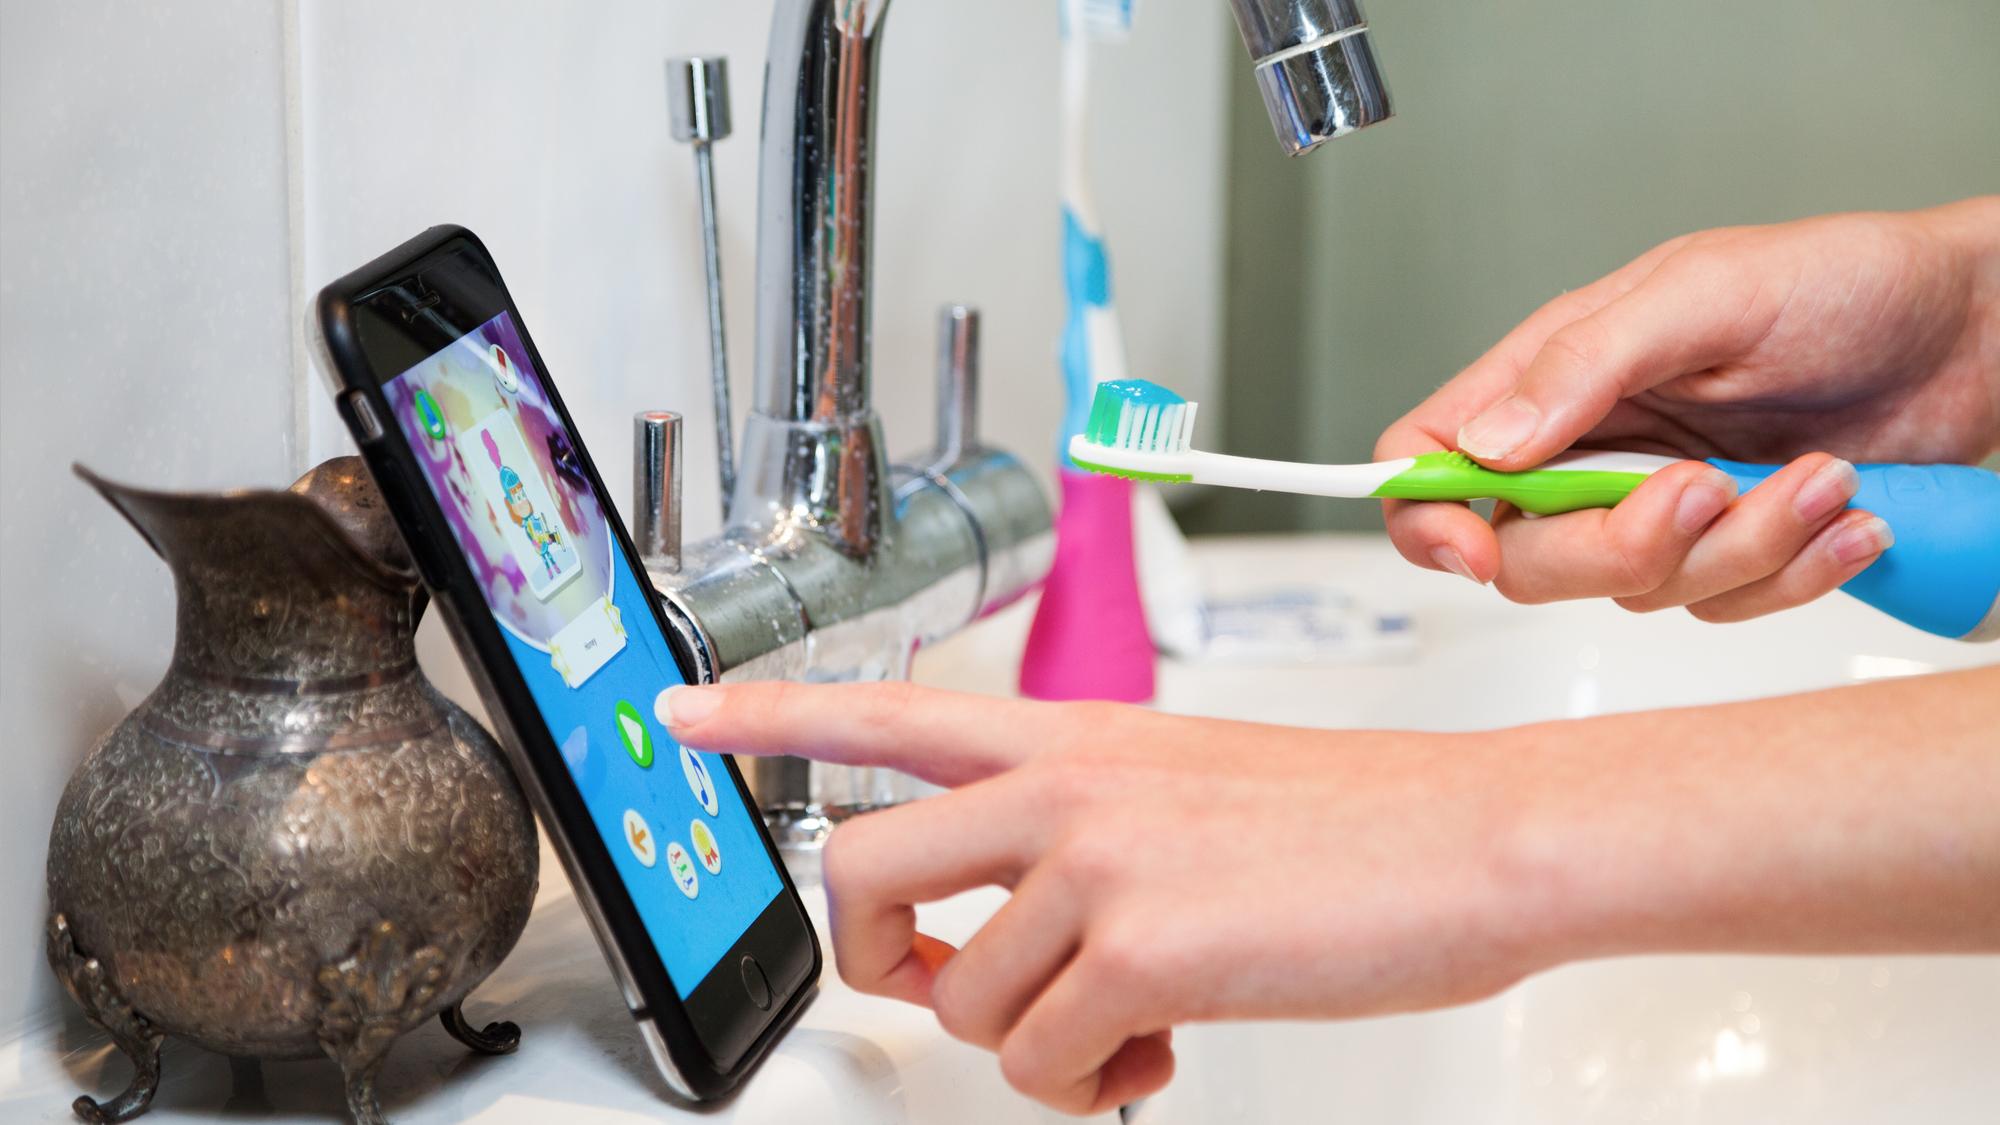 Hoffentlich rutscht das Smartphone nicht ins Waschbecken. © Playbrush